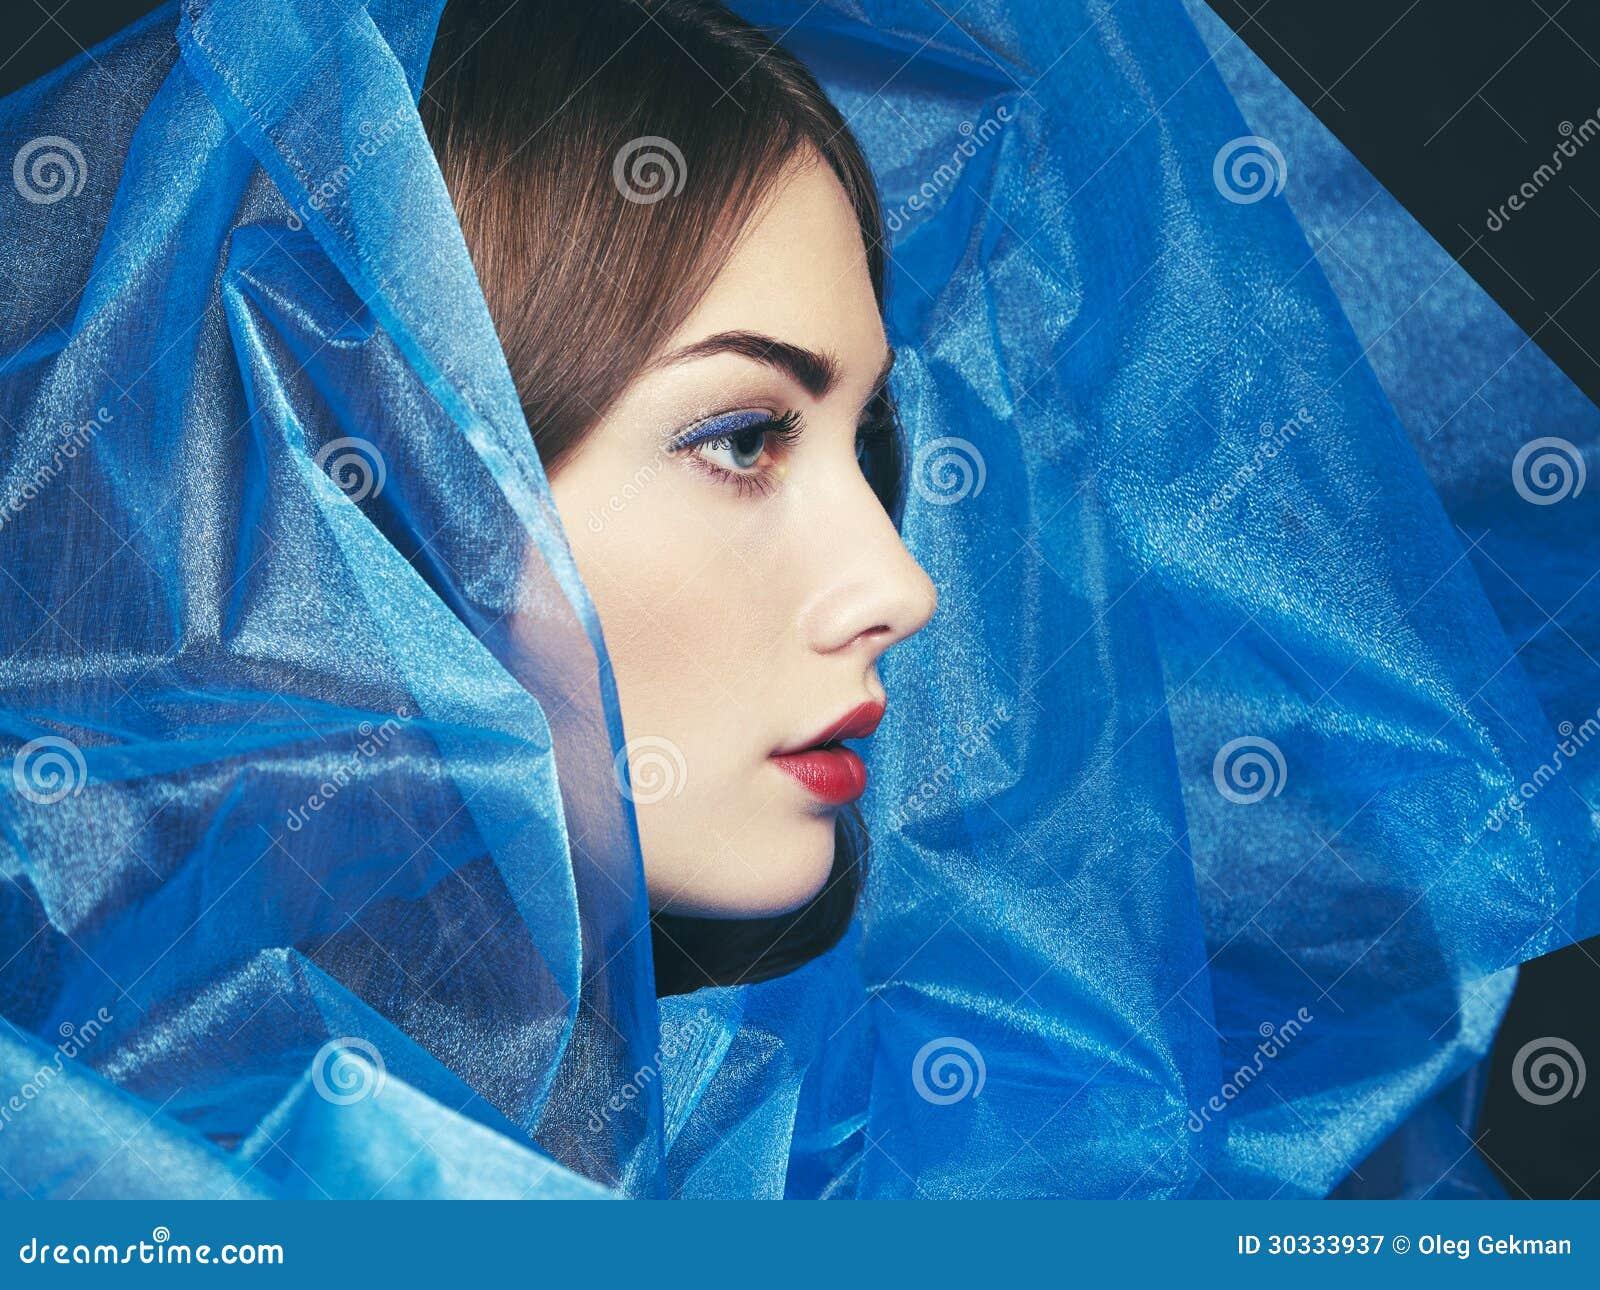 Download 塑造美丽的妇女照片在蓝色面纱下 库存图片. 图片 包括有 唇膏, 冷静, 蓝色, 夫人, 女性, 设计, 艺术 - 30333937